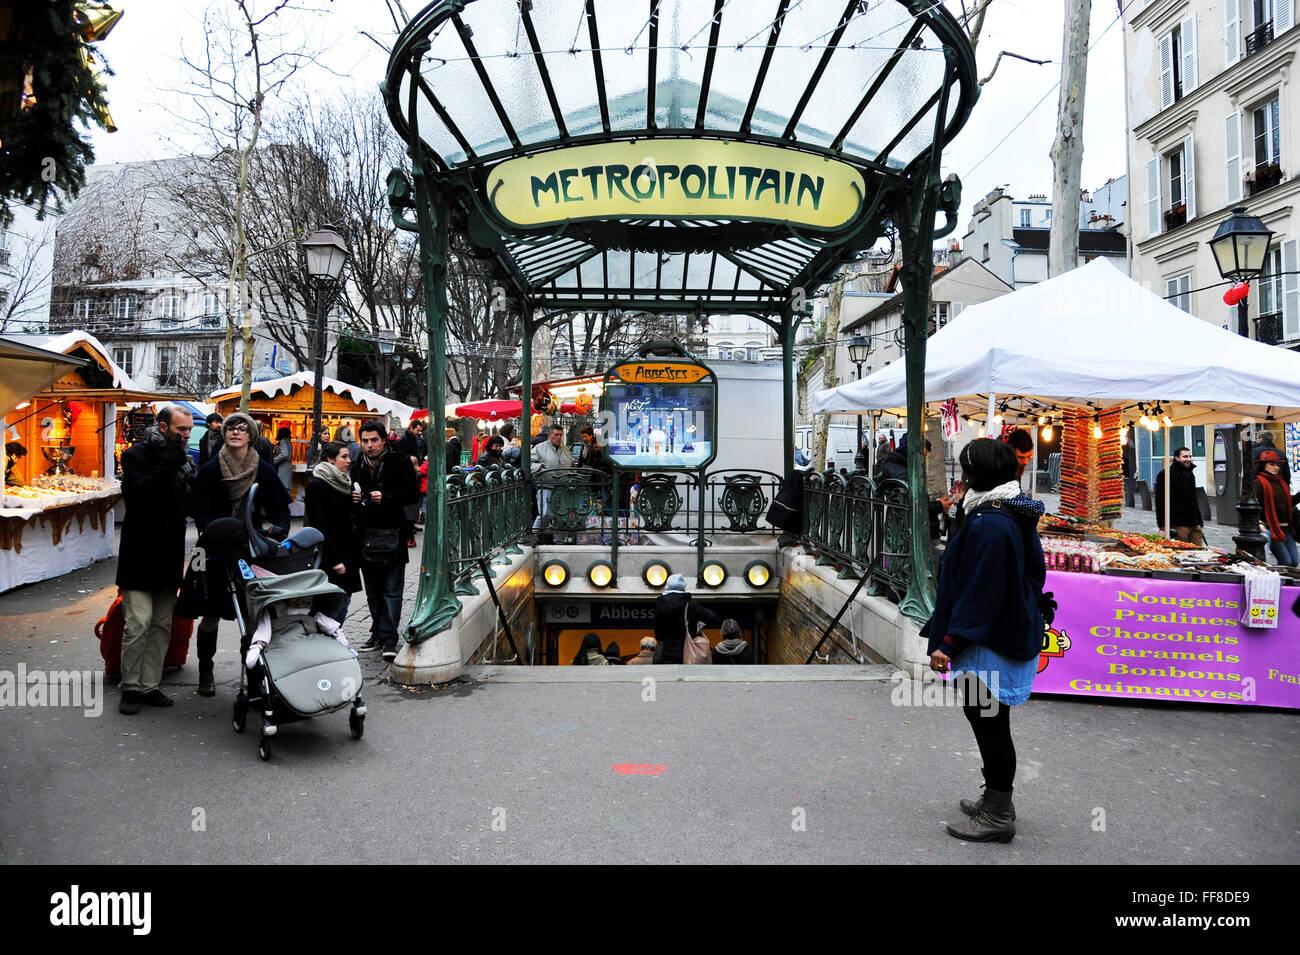 Paris Weihnachtsmarkt.Weihnachtsmarkt In Abbesses Straße Montmartre Paris Stockfoto